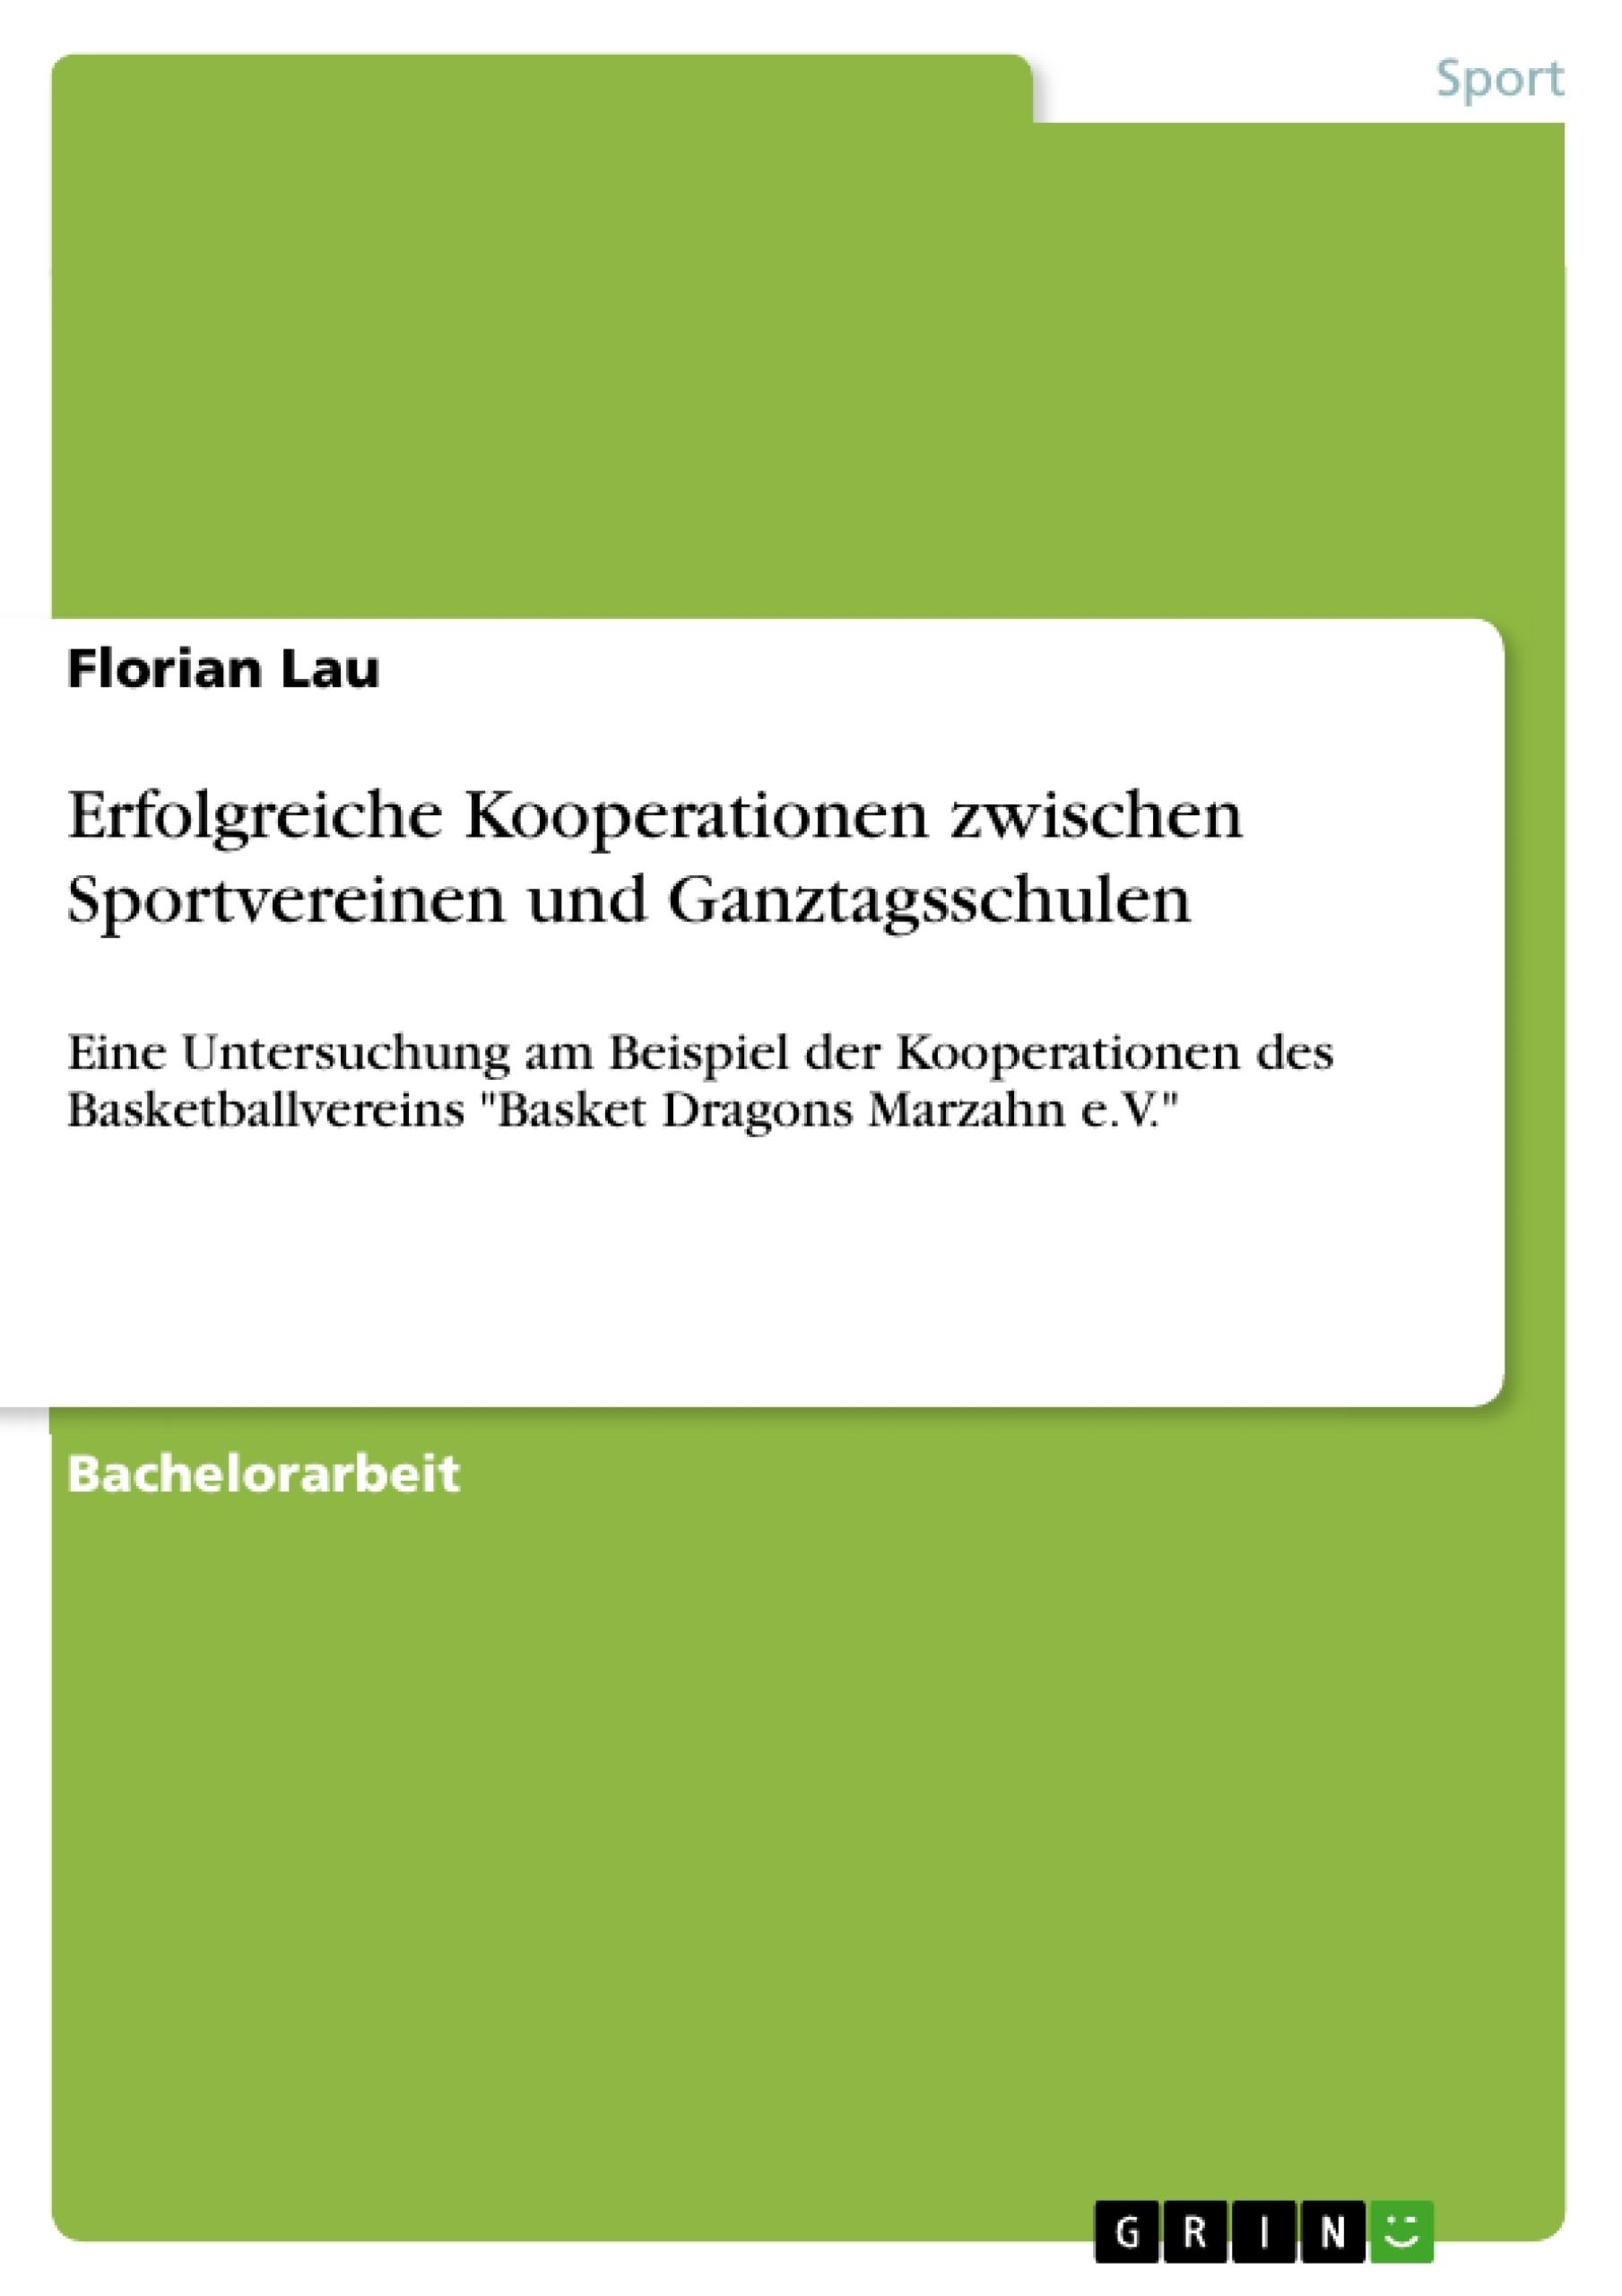 Titel: Erfolgreiche Kooperationen zwischen Sportvereinen und Ganztagsschulen